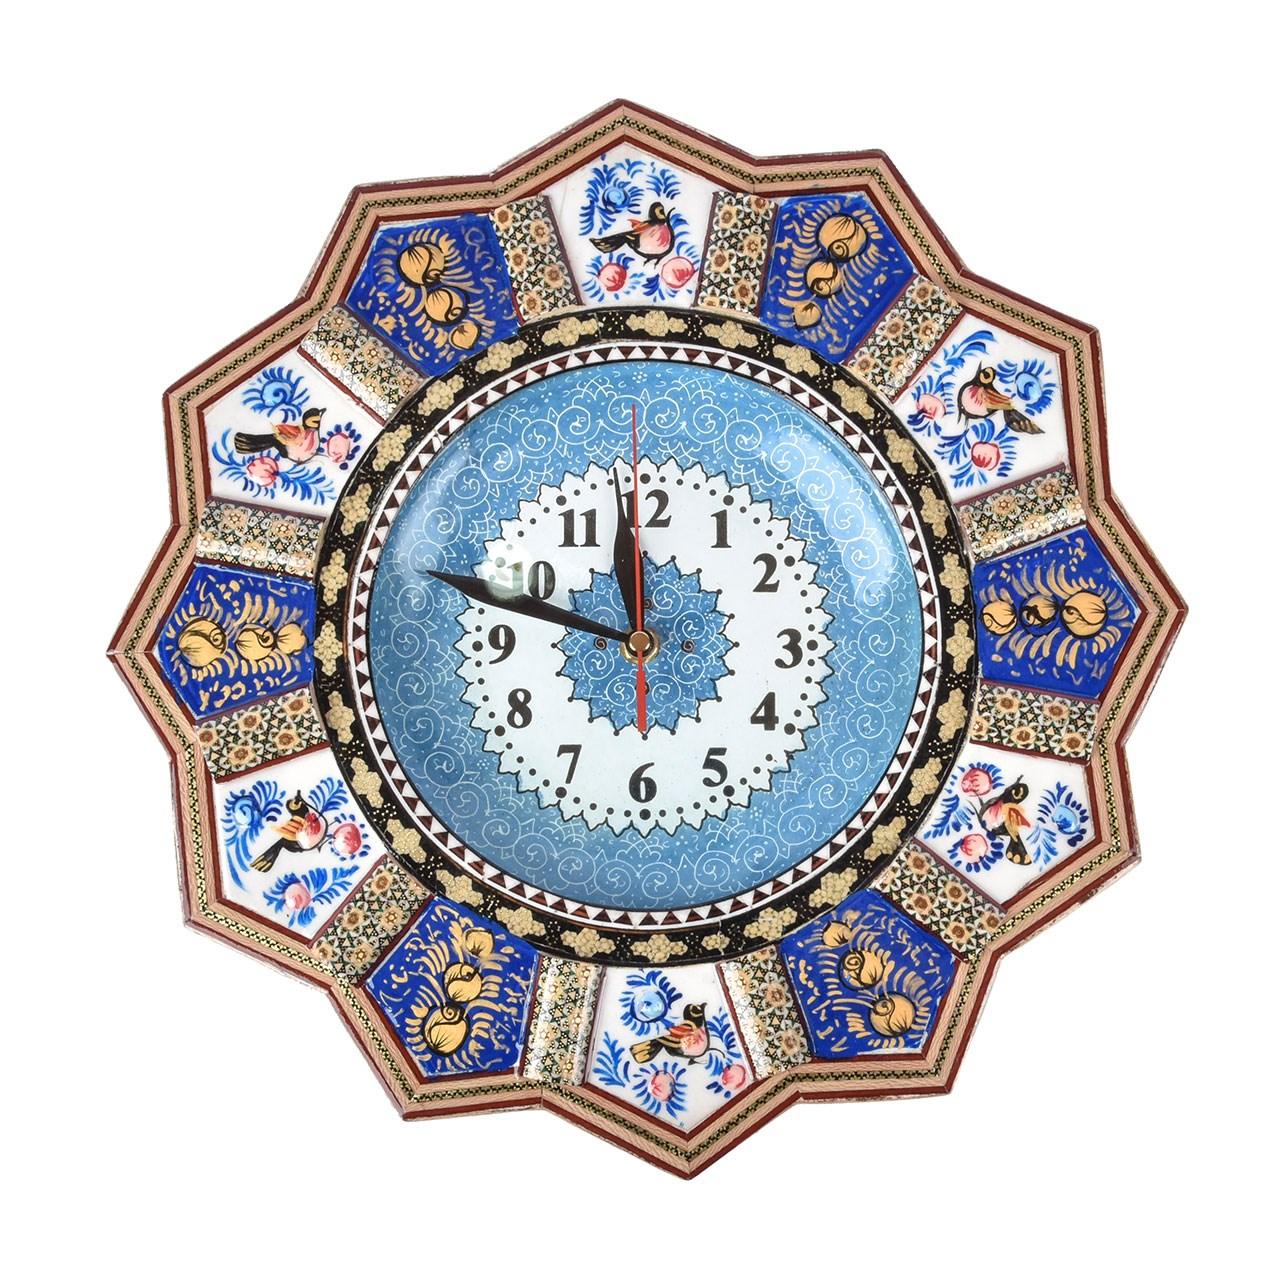 ساعت  خورشیدی  خاتم کاری یوسف  مدل Sa02